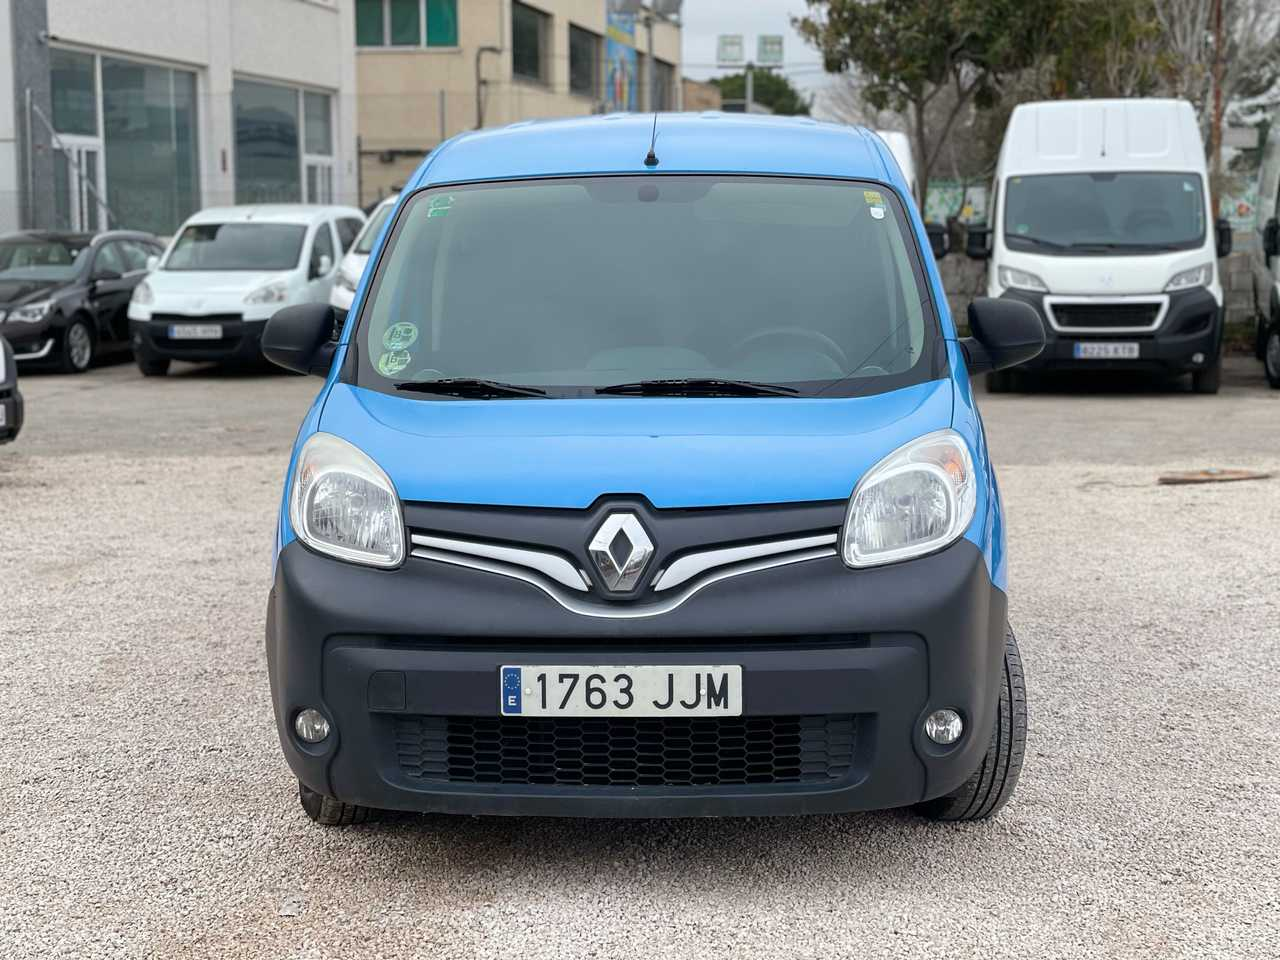 Renault Kangoo EXPRESS 1.5DCI 75 GEN5 PROFESIONAL   - Foto 1